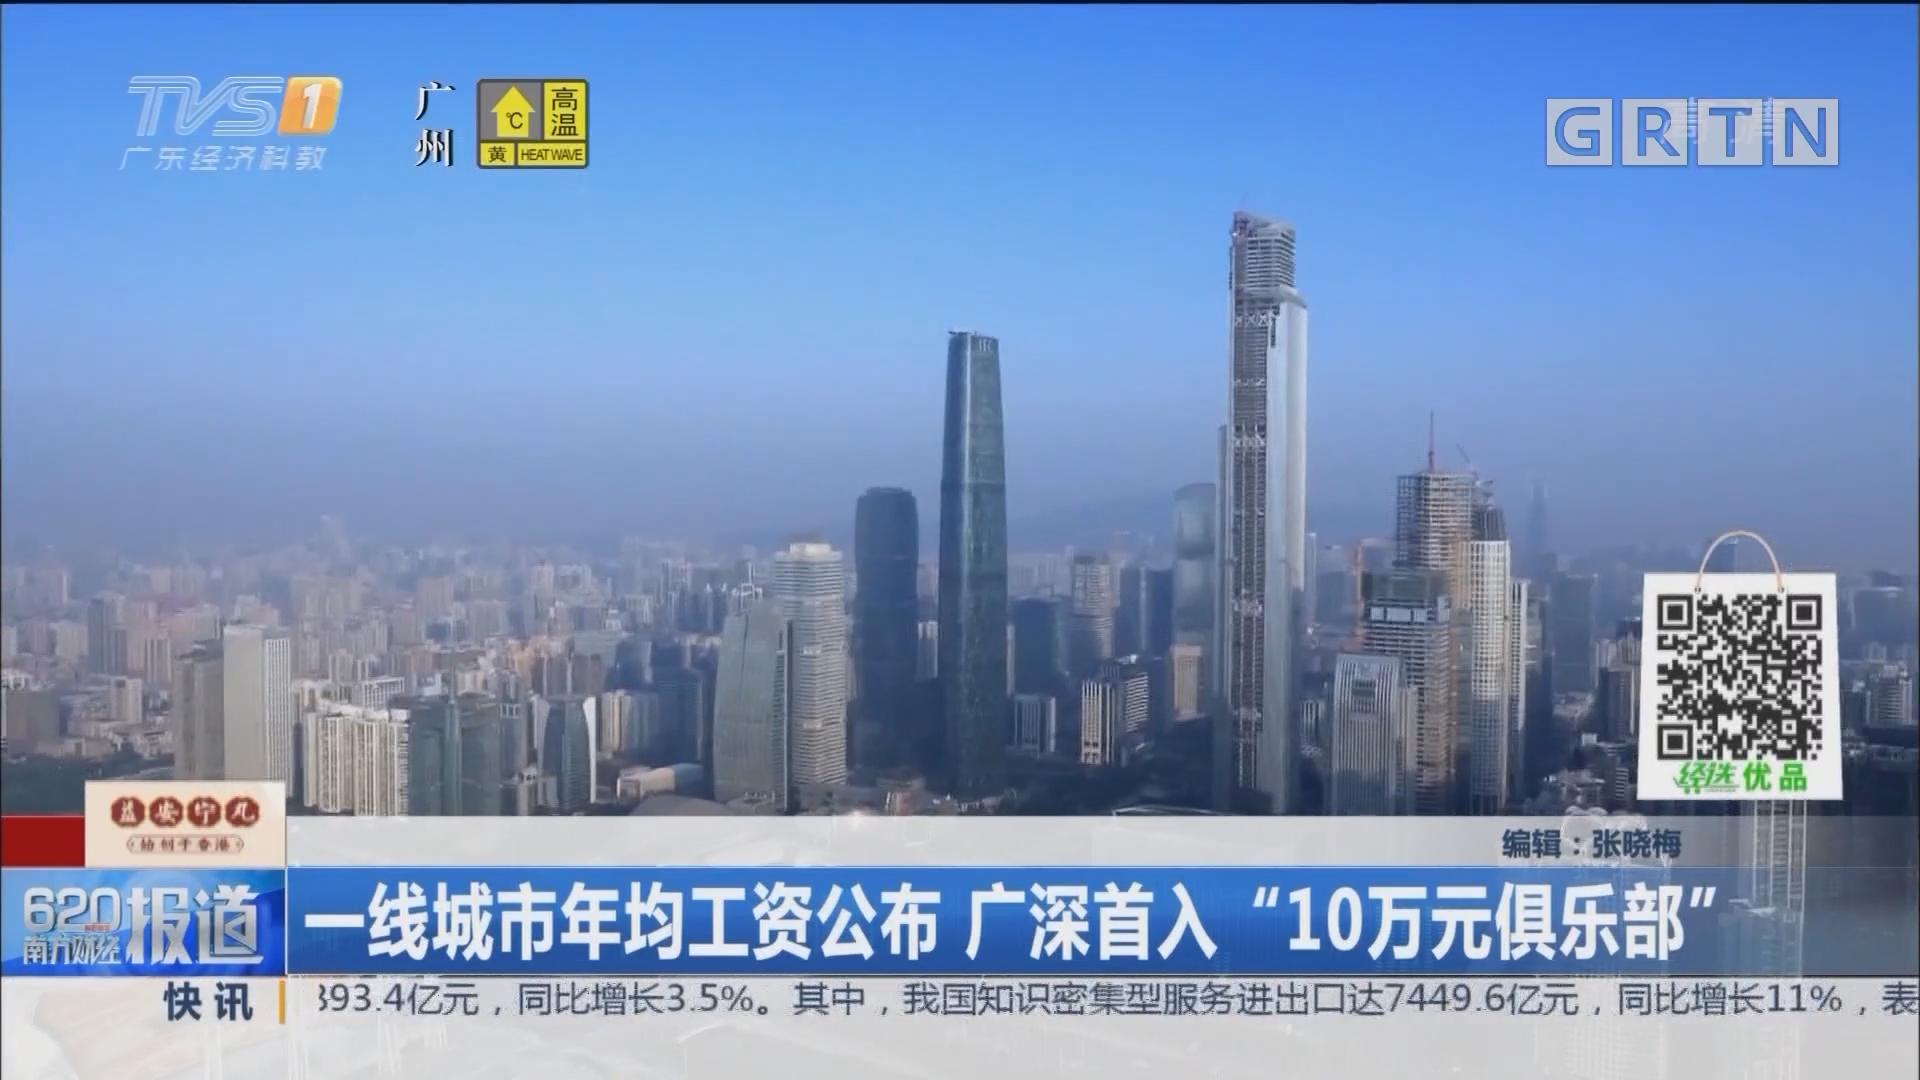 """一线城市年均工资公布 广深首入""""10万元俱乐部"""""""